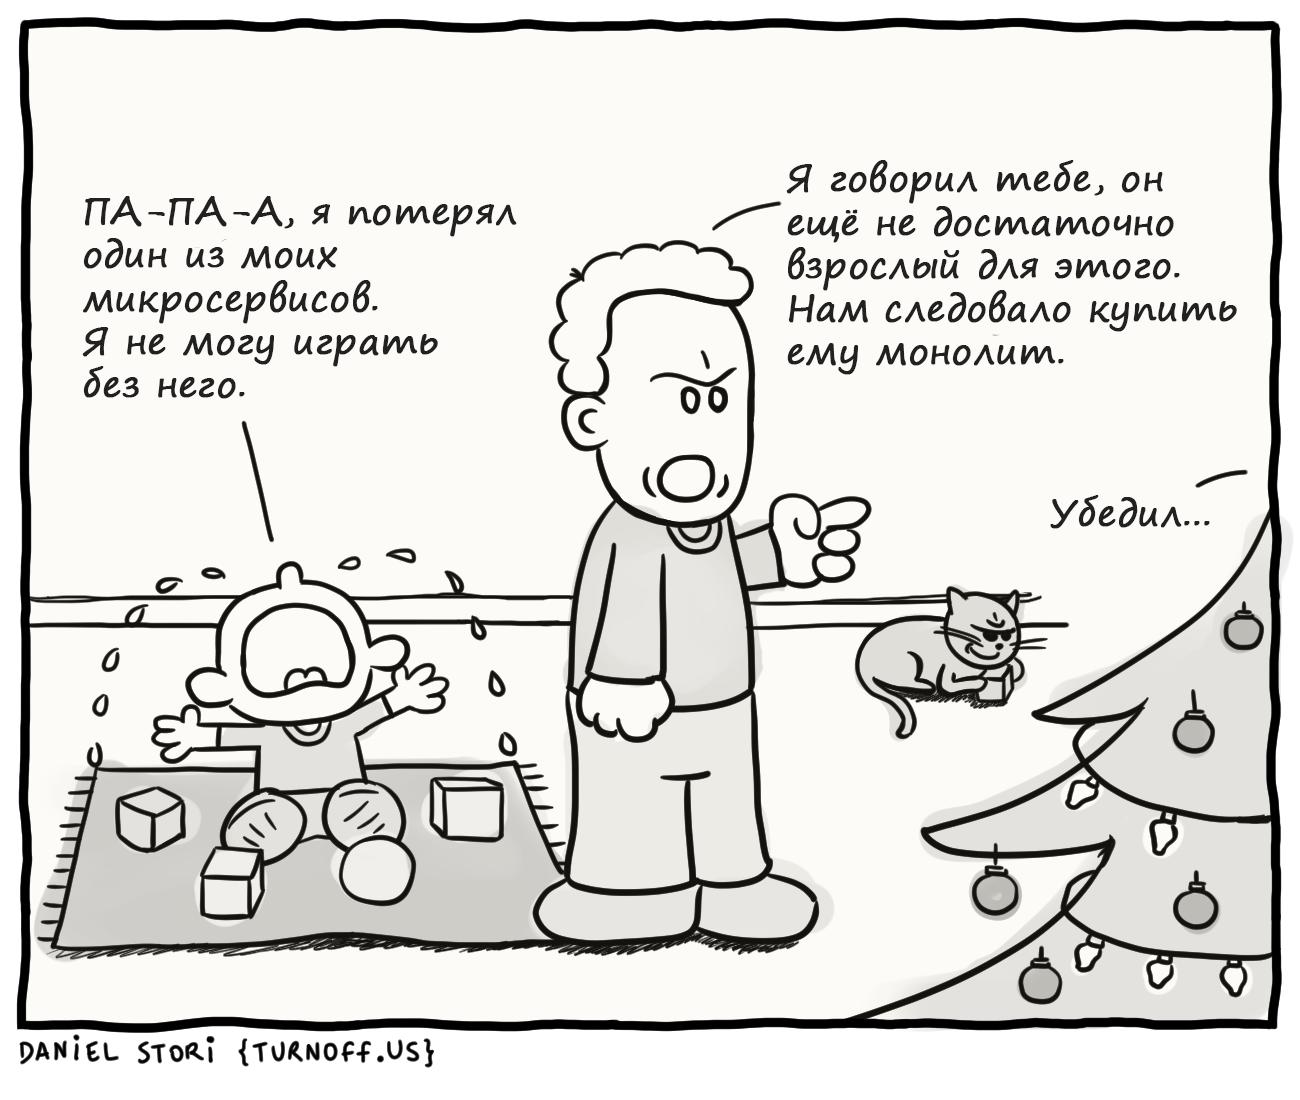 Комиксы Даниэля Стори (часть 2) - 11